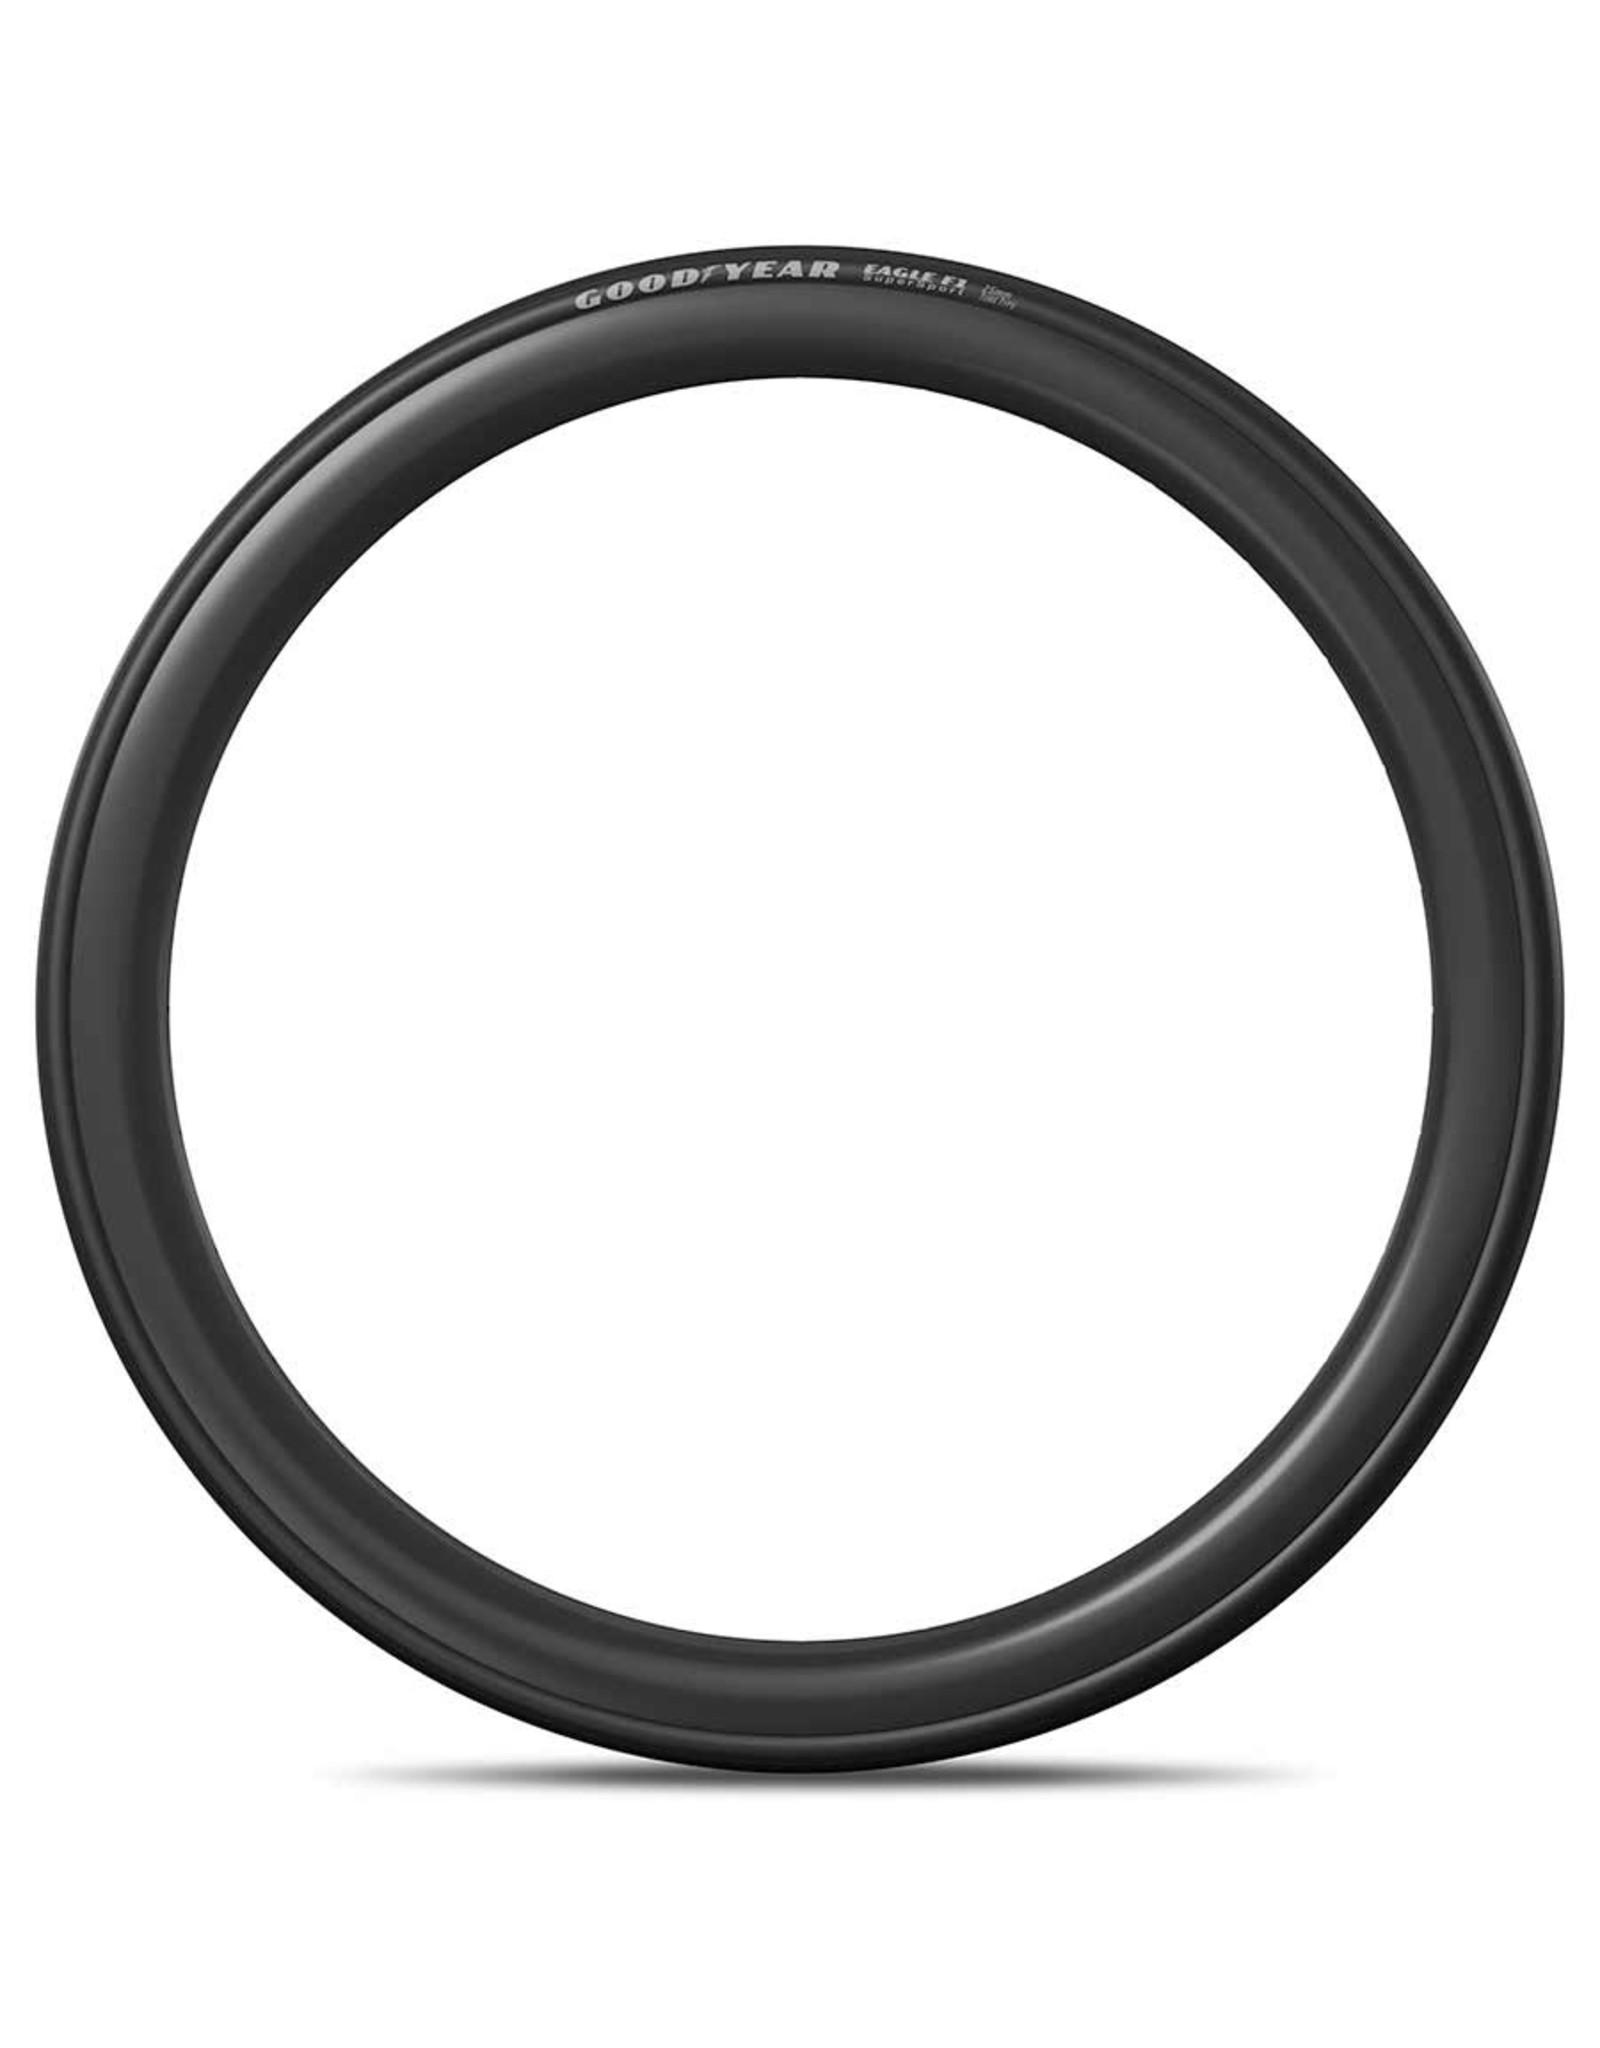 Goodyear, Eagle F1 SuperSport, Tire, 700x28C, Folding, Clincher, Dynamic:GSR, R:Shield, 120TPI, Black